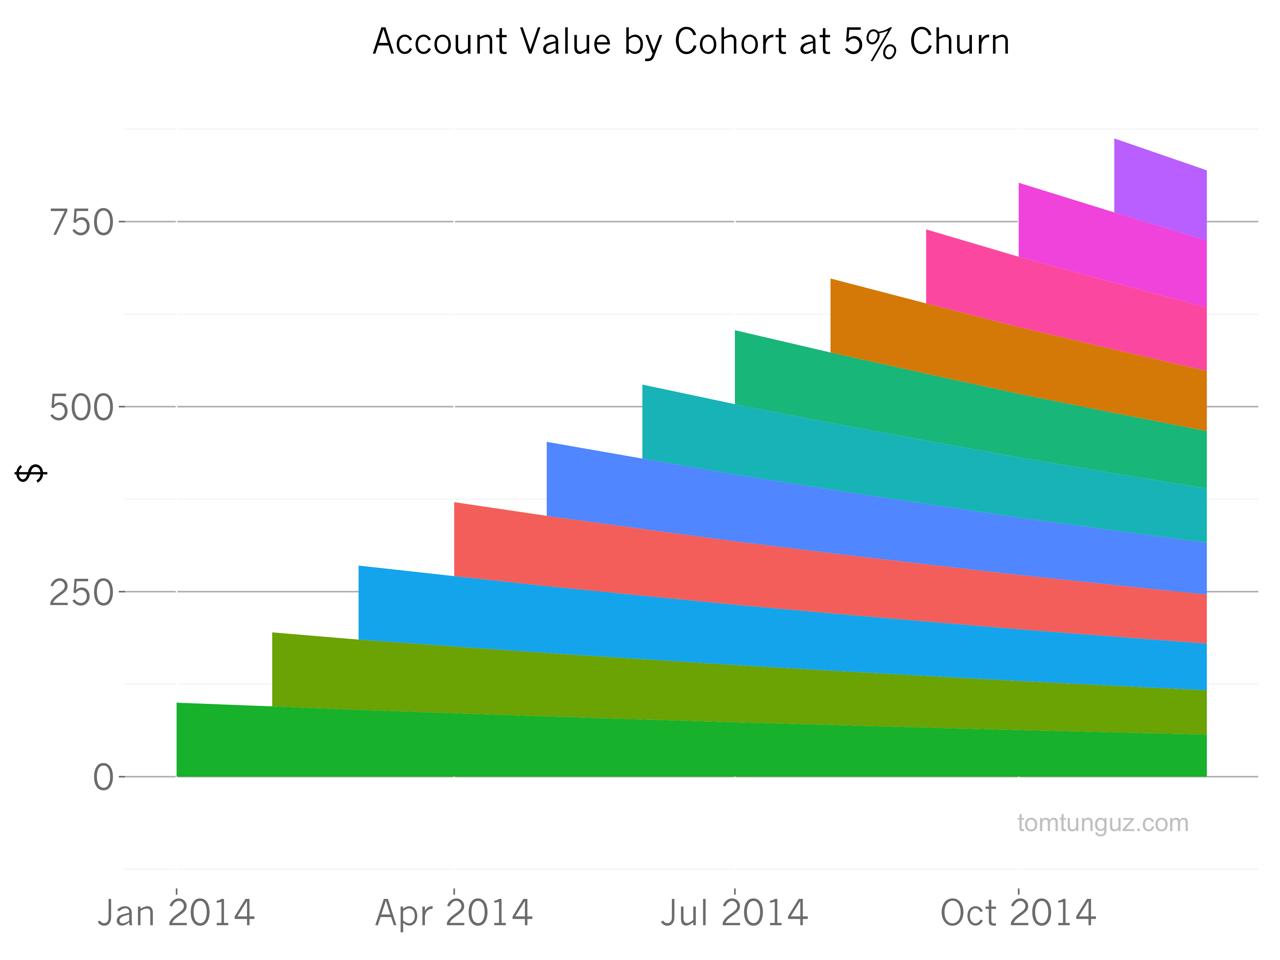 cohort 5% churn